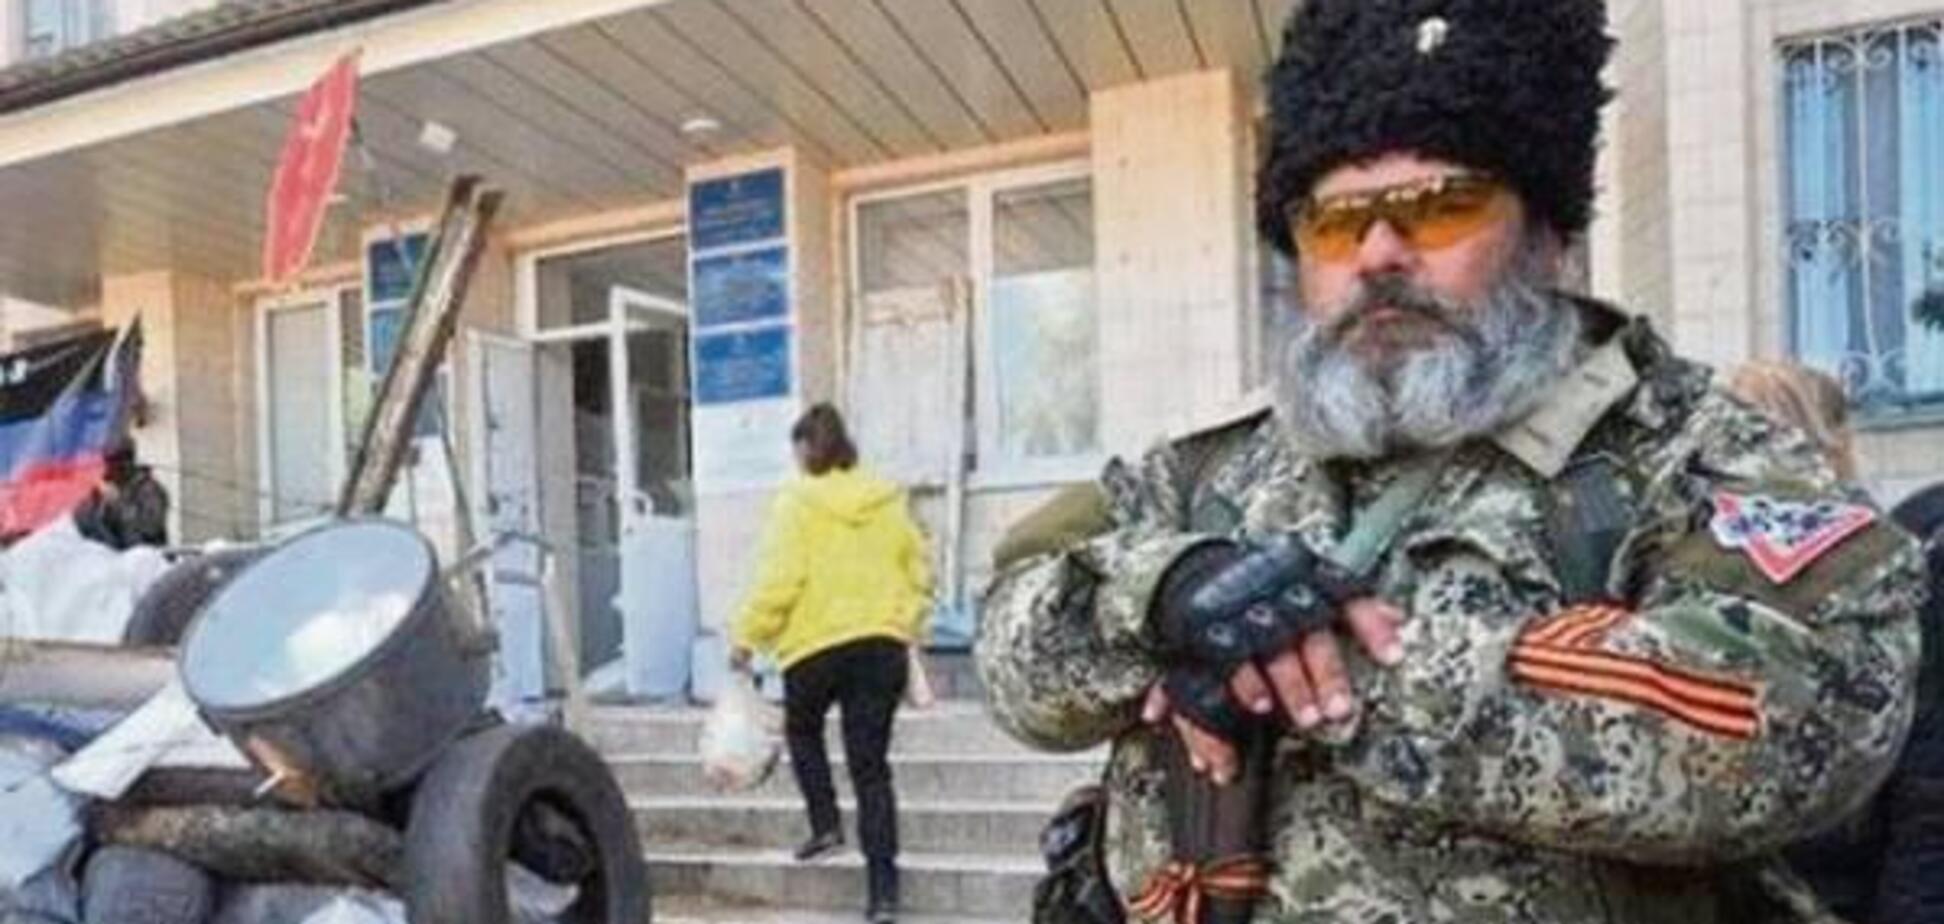 Багато кавказців: Путін завів на Донбас нове військове угруповання